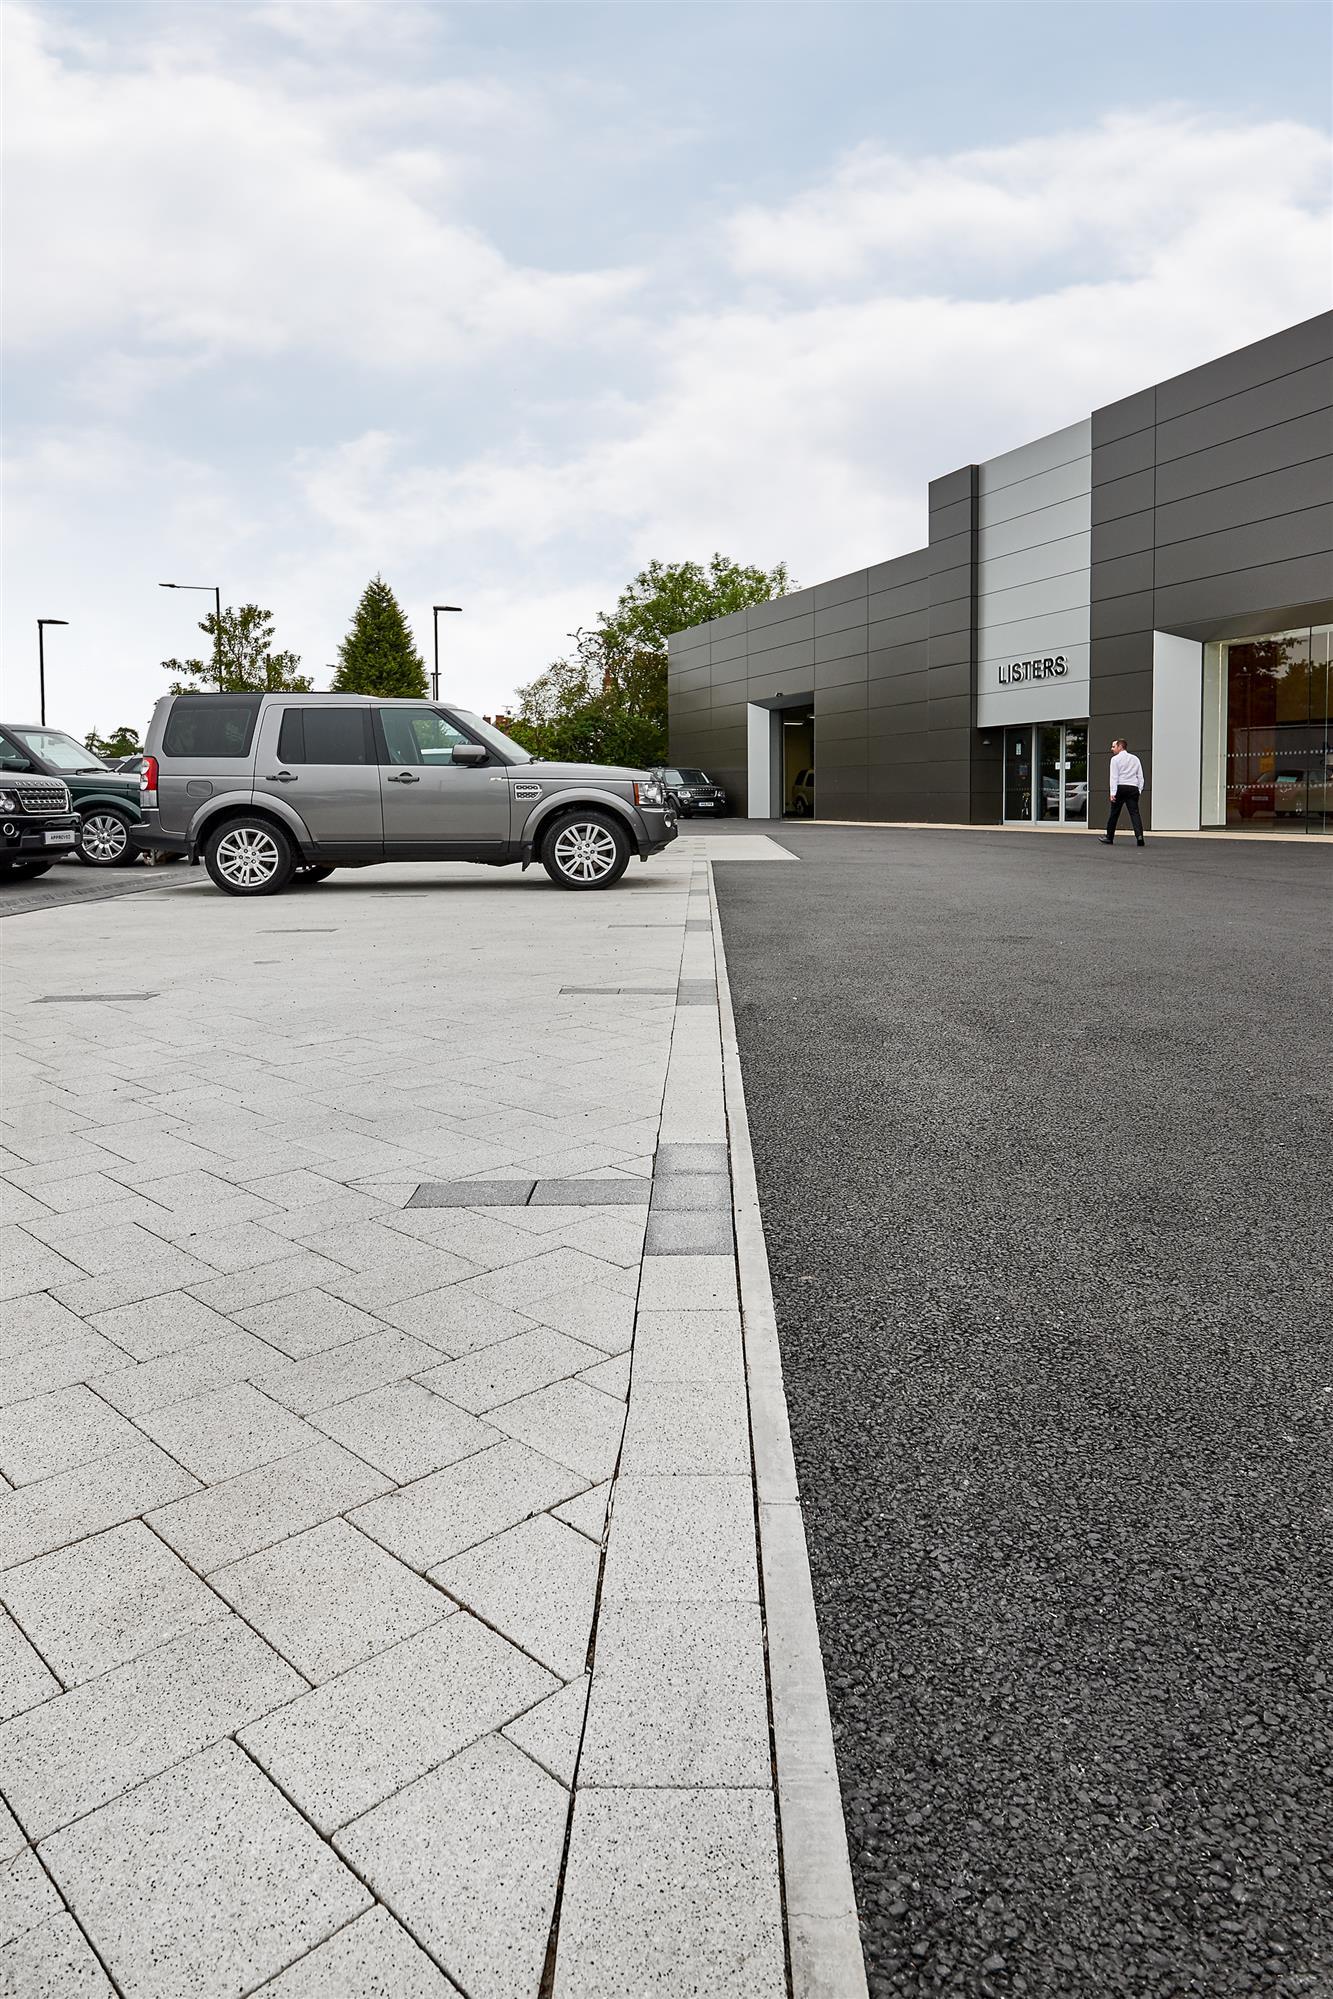 land cardiff dealerships view landrover jaguar dealers standard rover